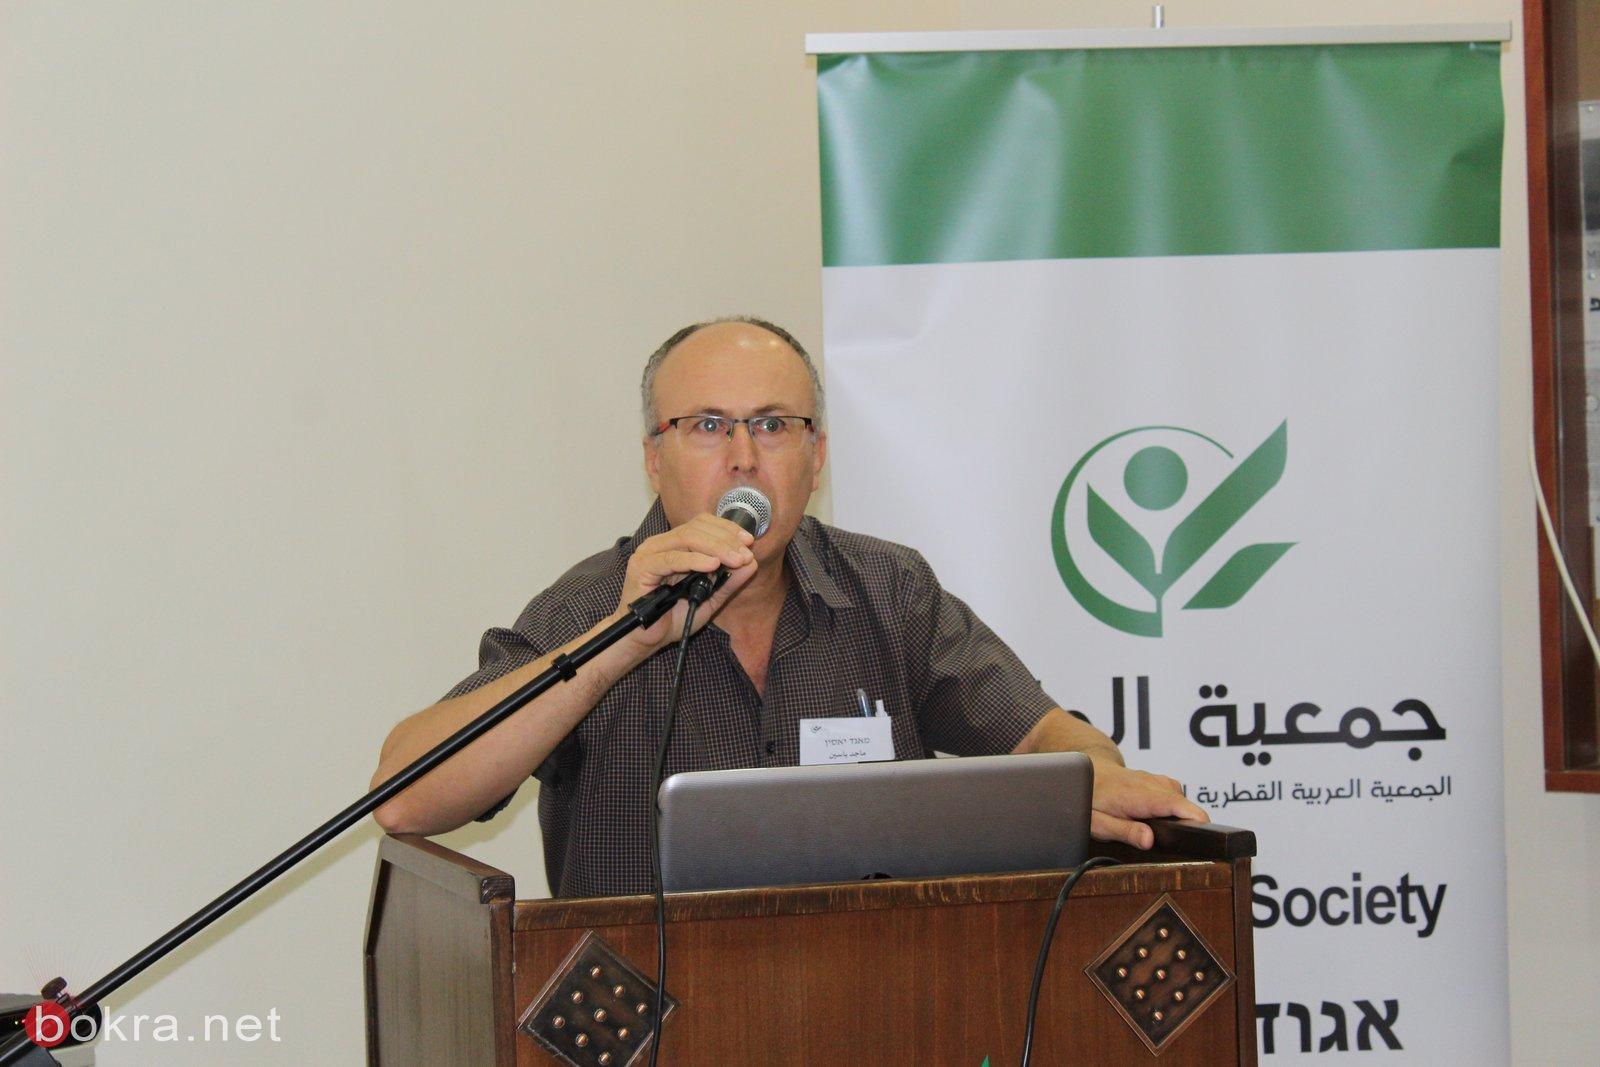 جمعية الجليل تطلق مؤتمرها العلمي السنوي للعام 2019 -16